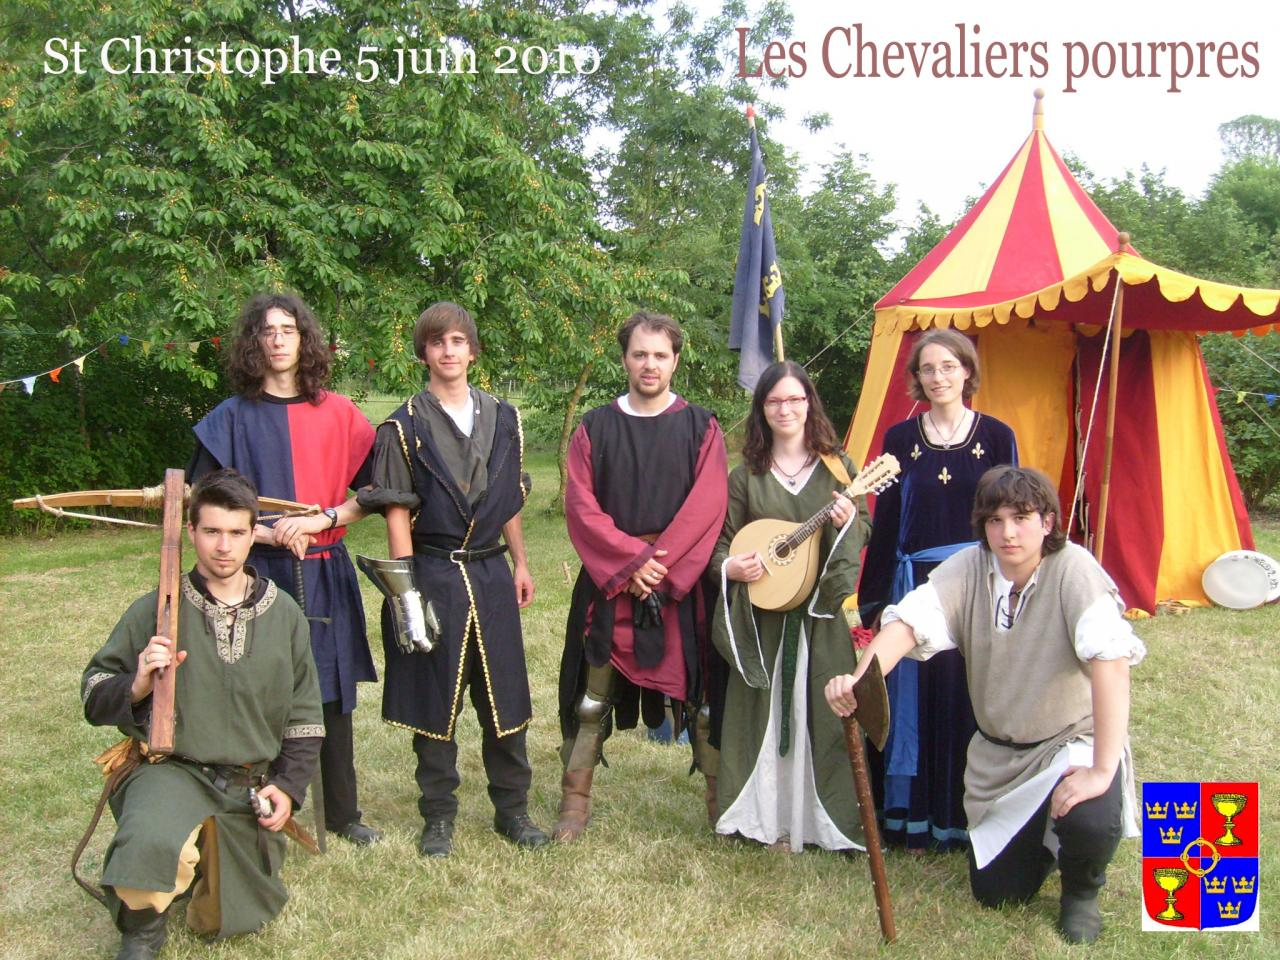 les-chevaliers-pourpres-5-juin-2010.jpg